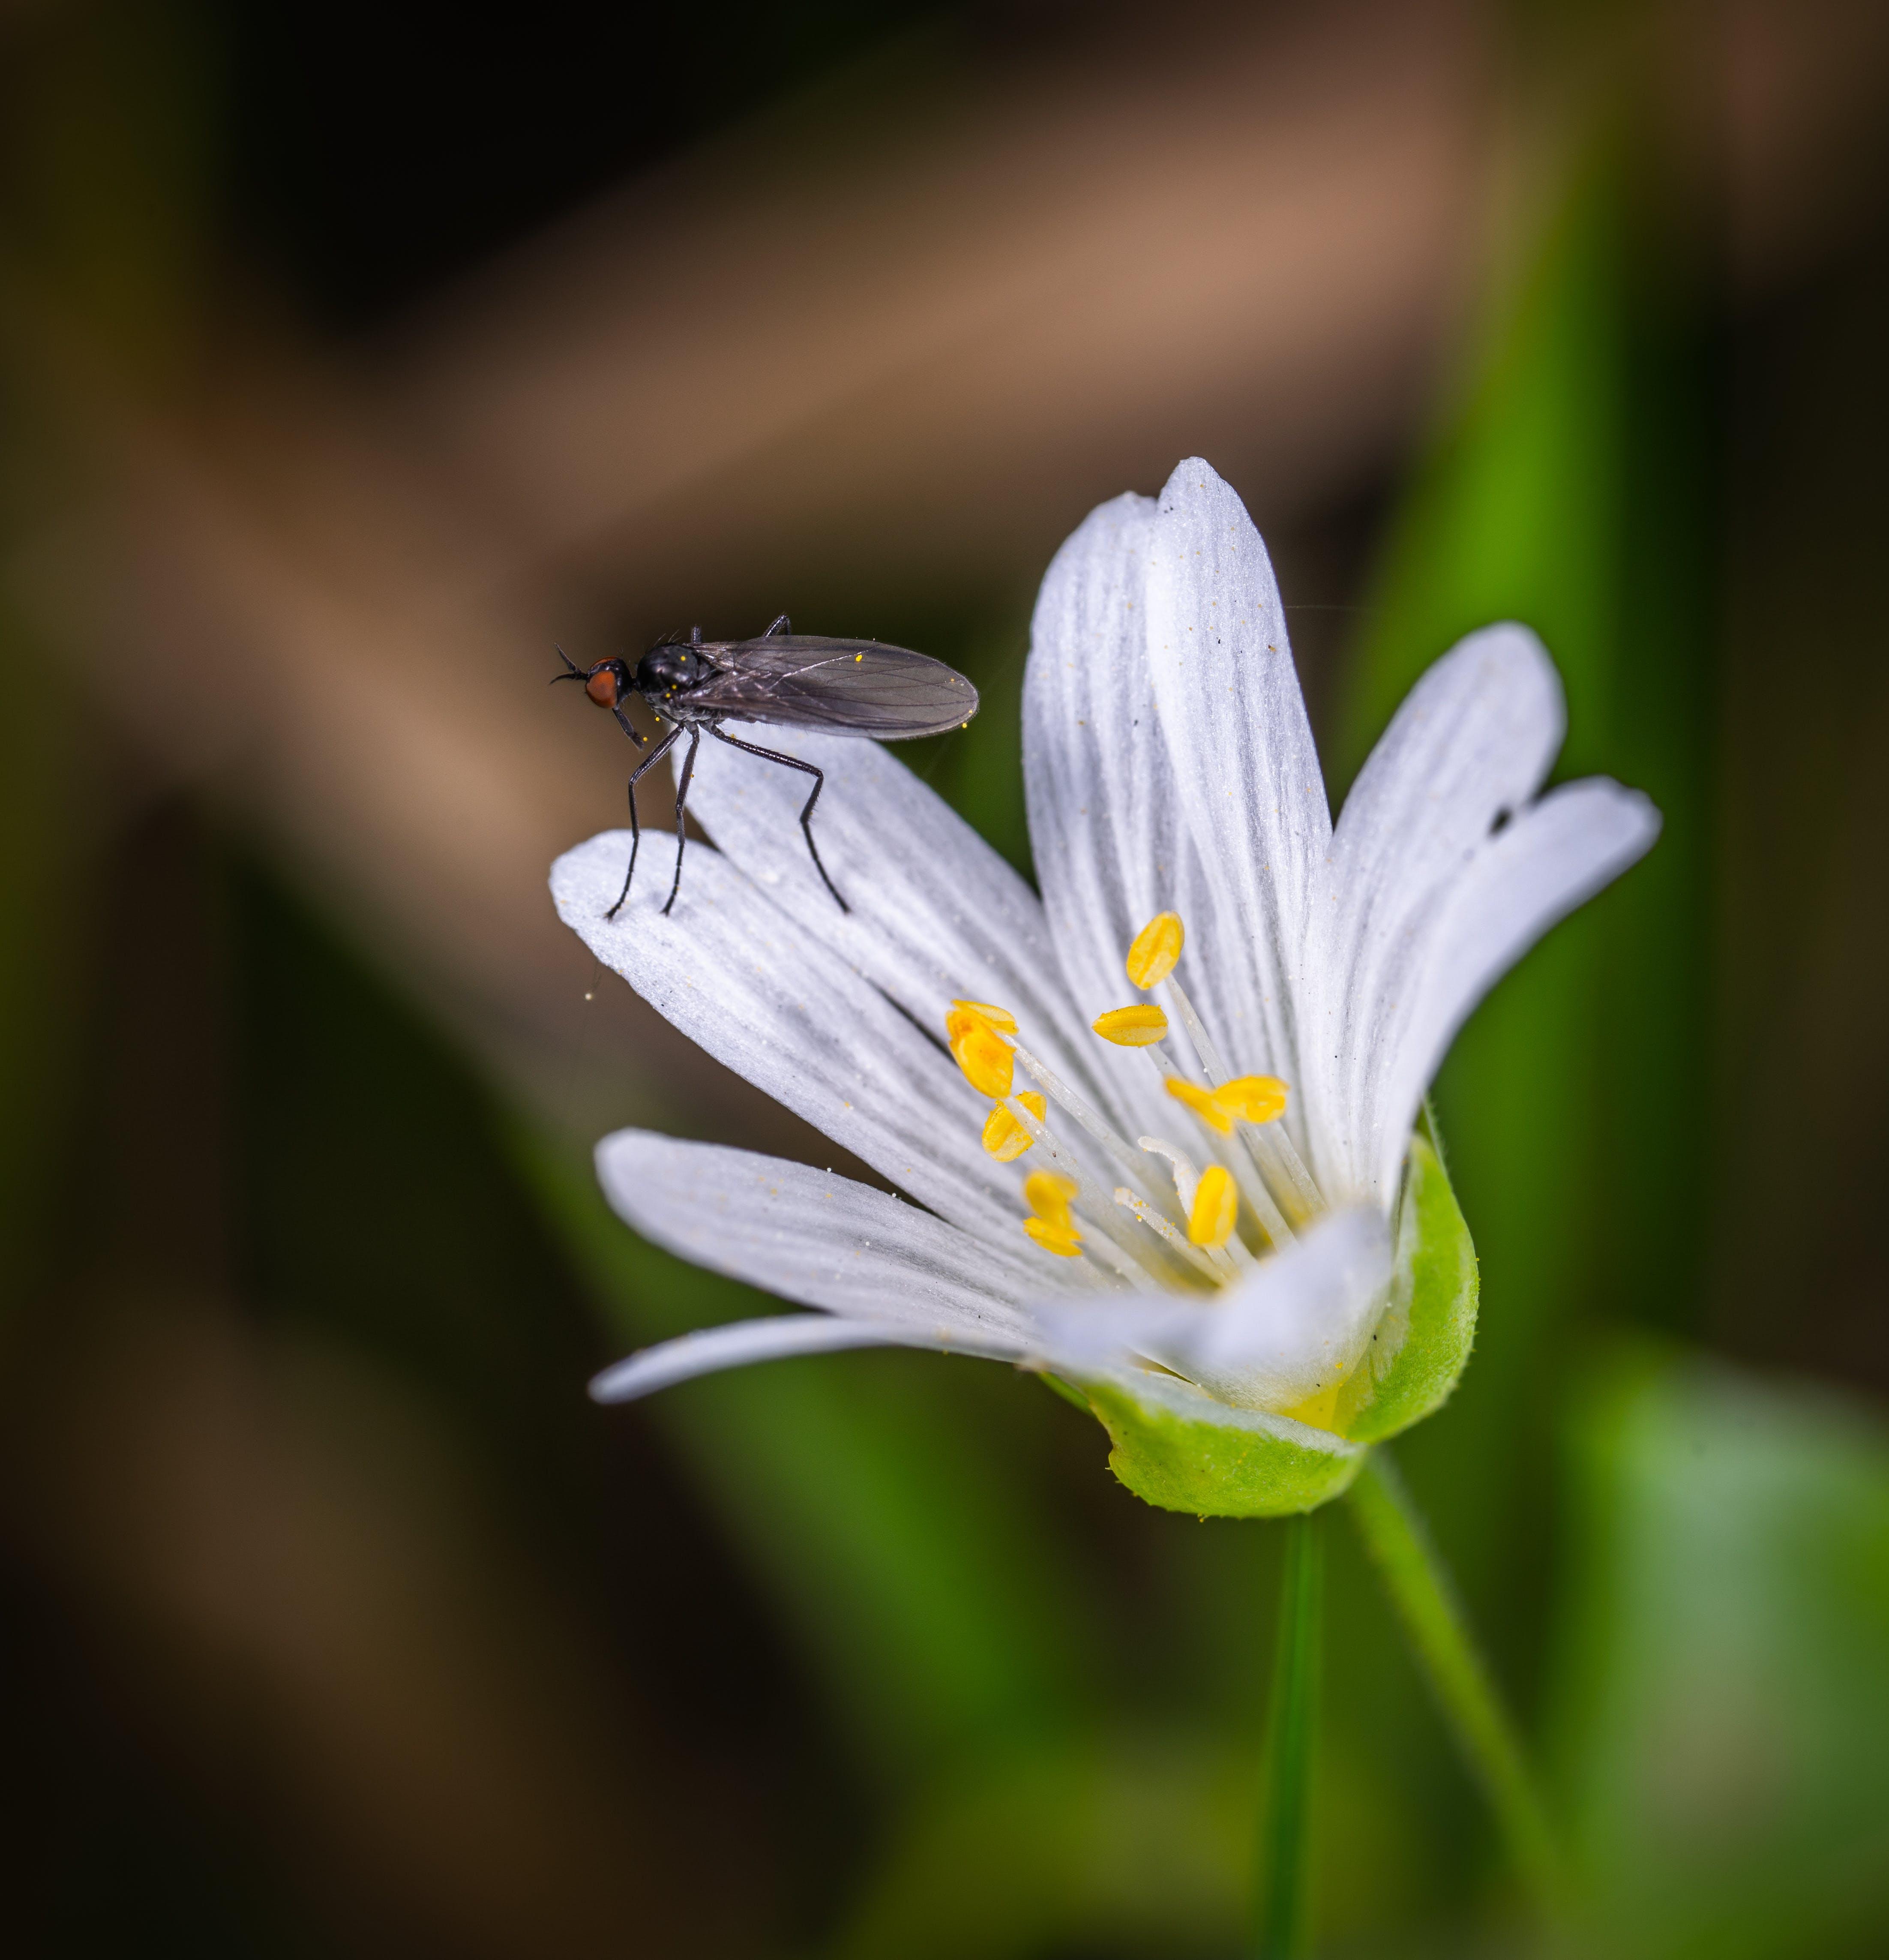 Black Fly on White Clustered Flower